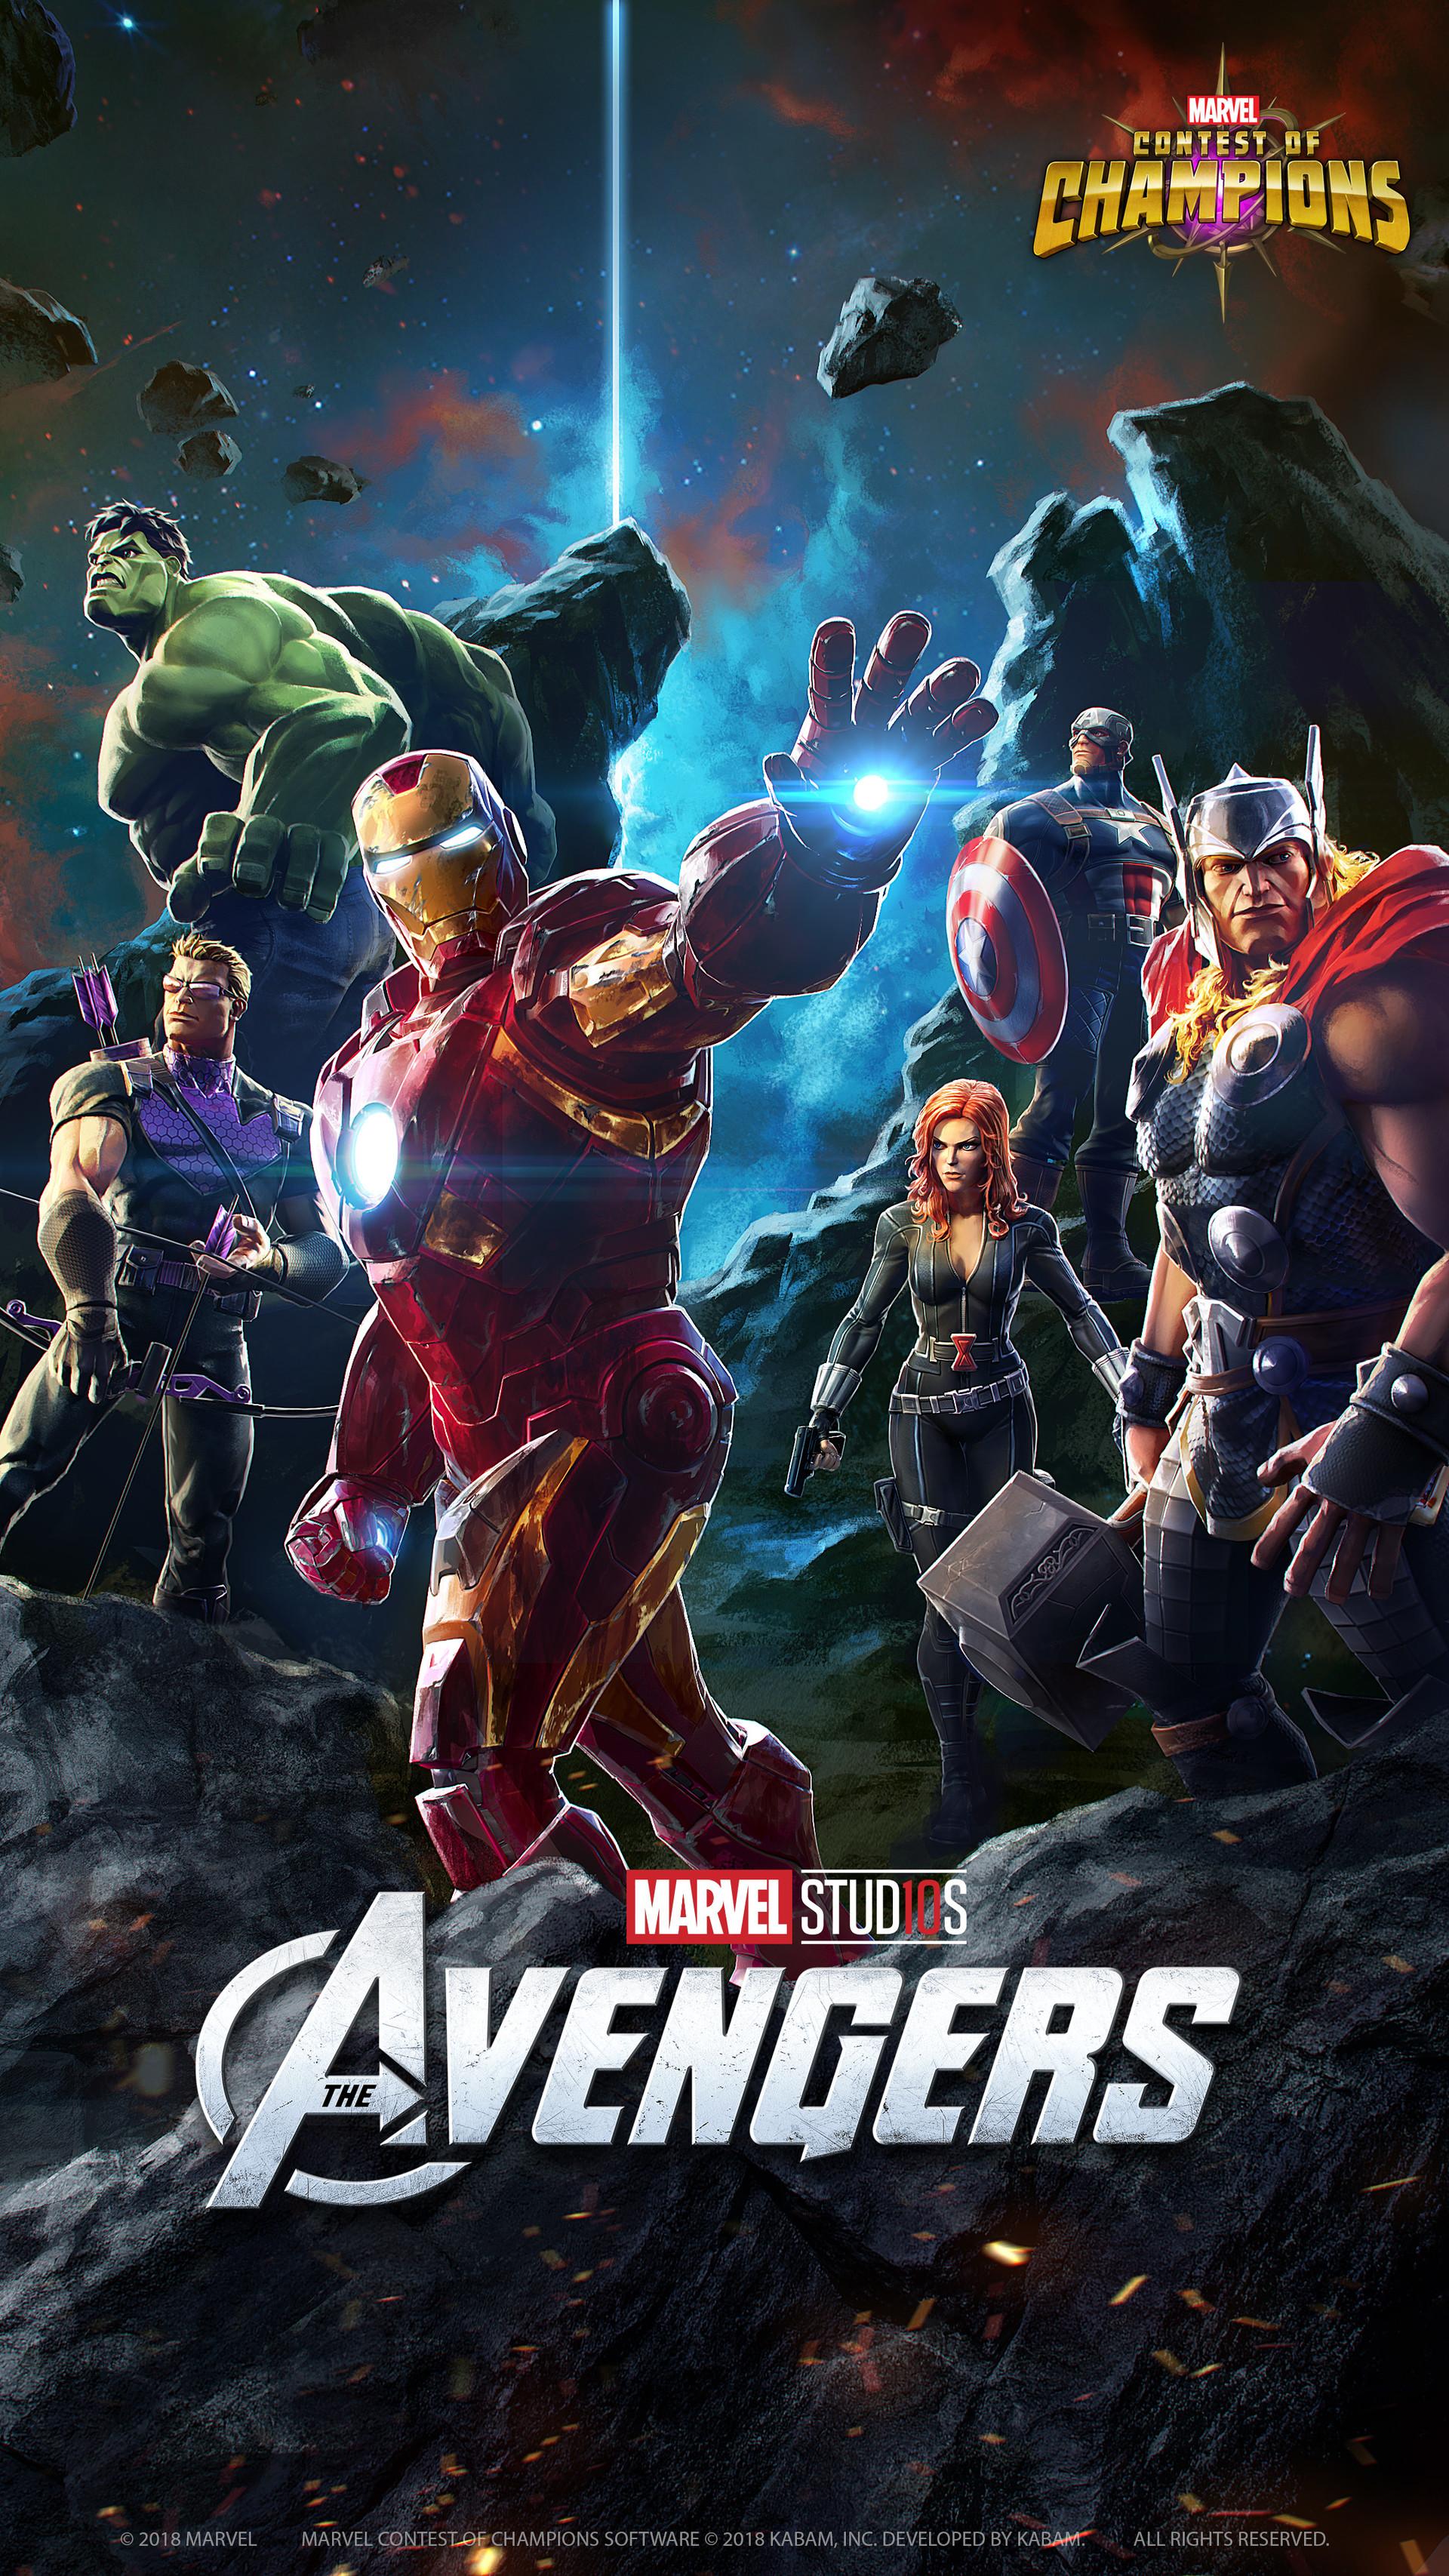 Avengers (2012) - Marvel studio 10 years anniversary poster